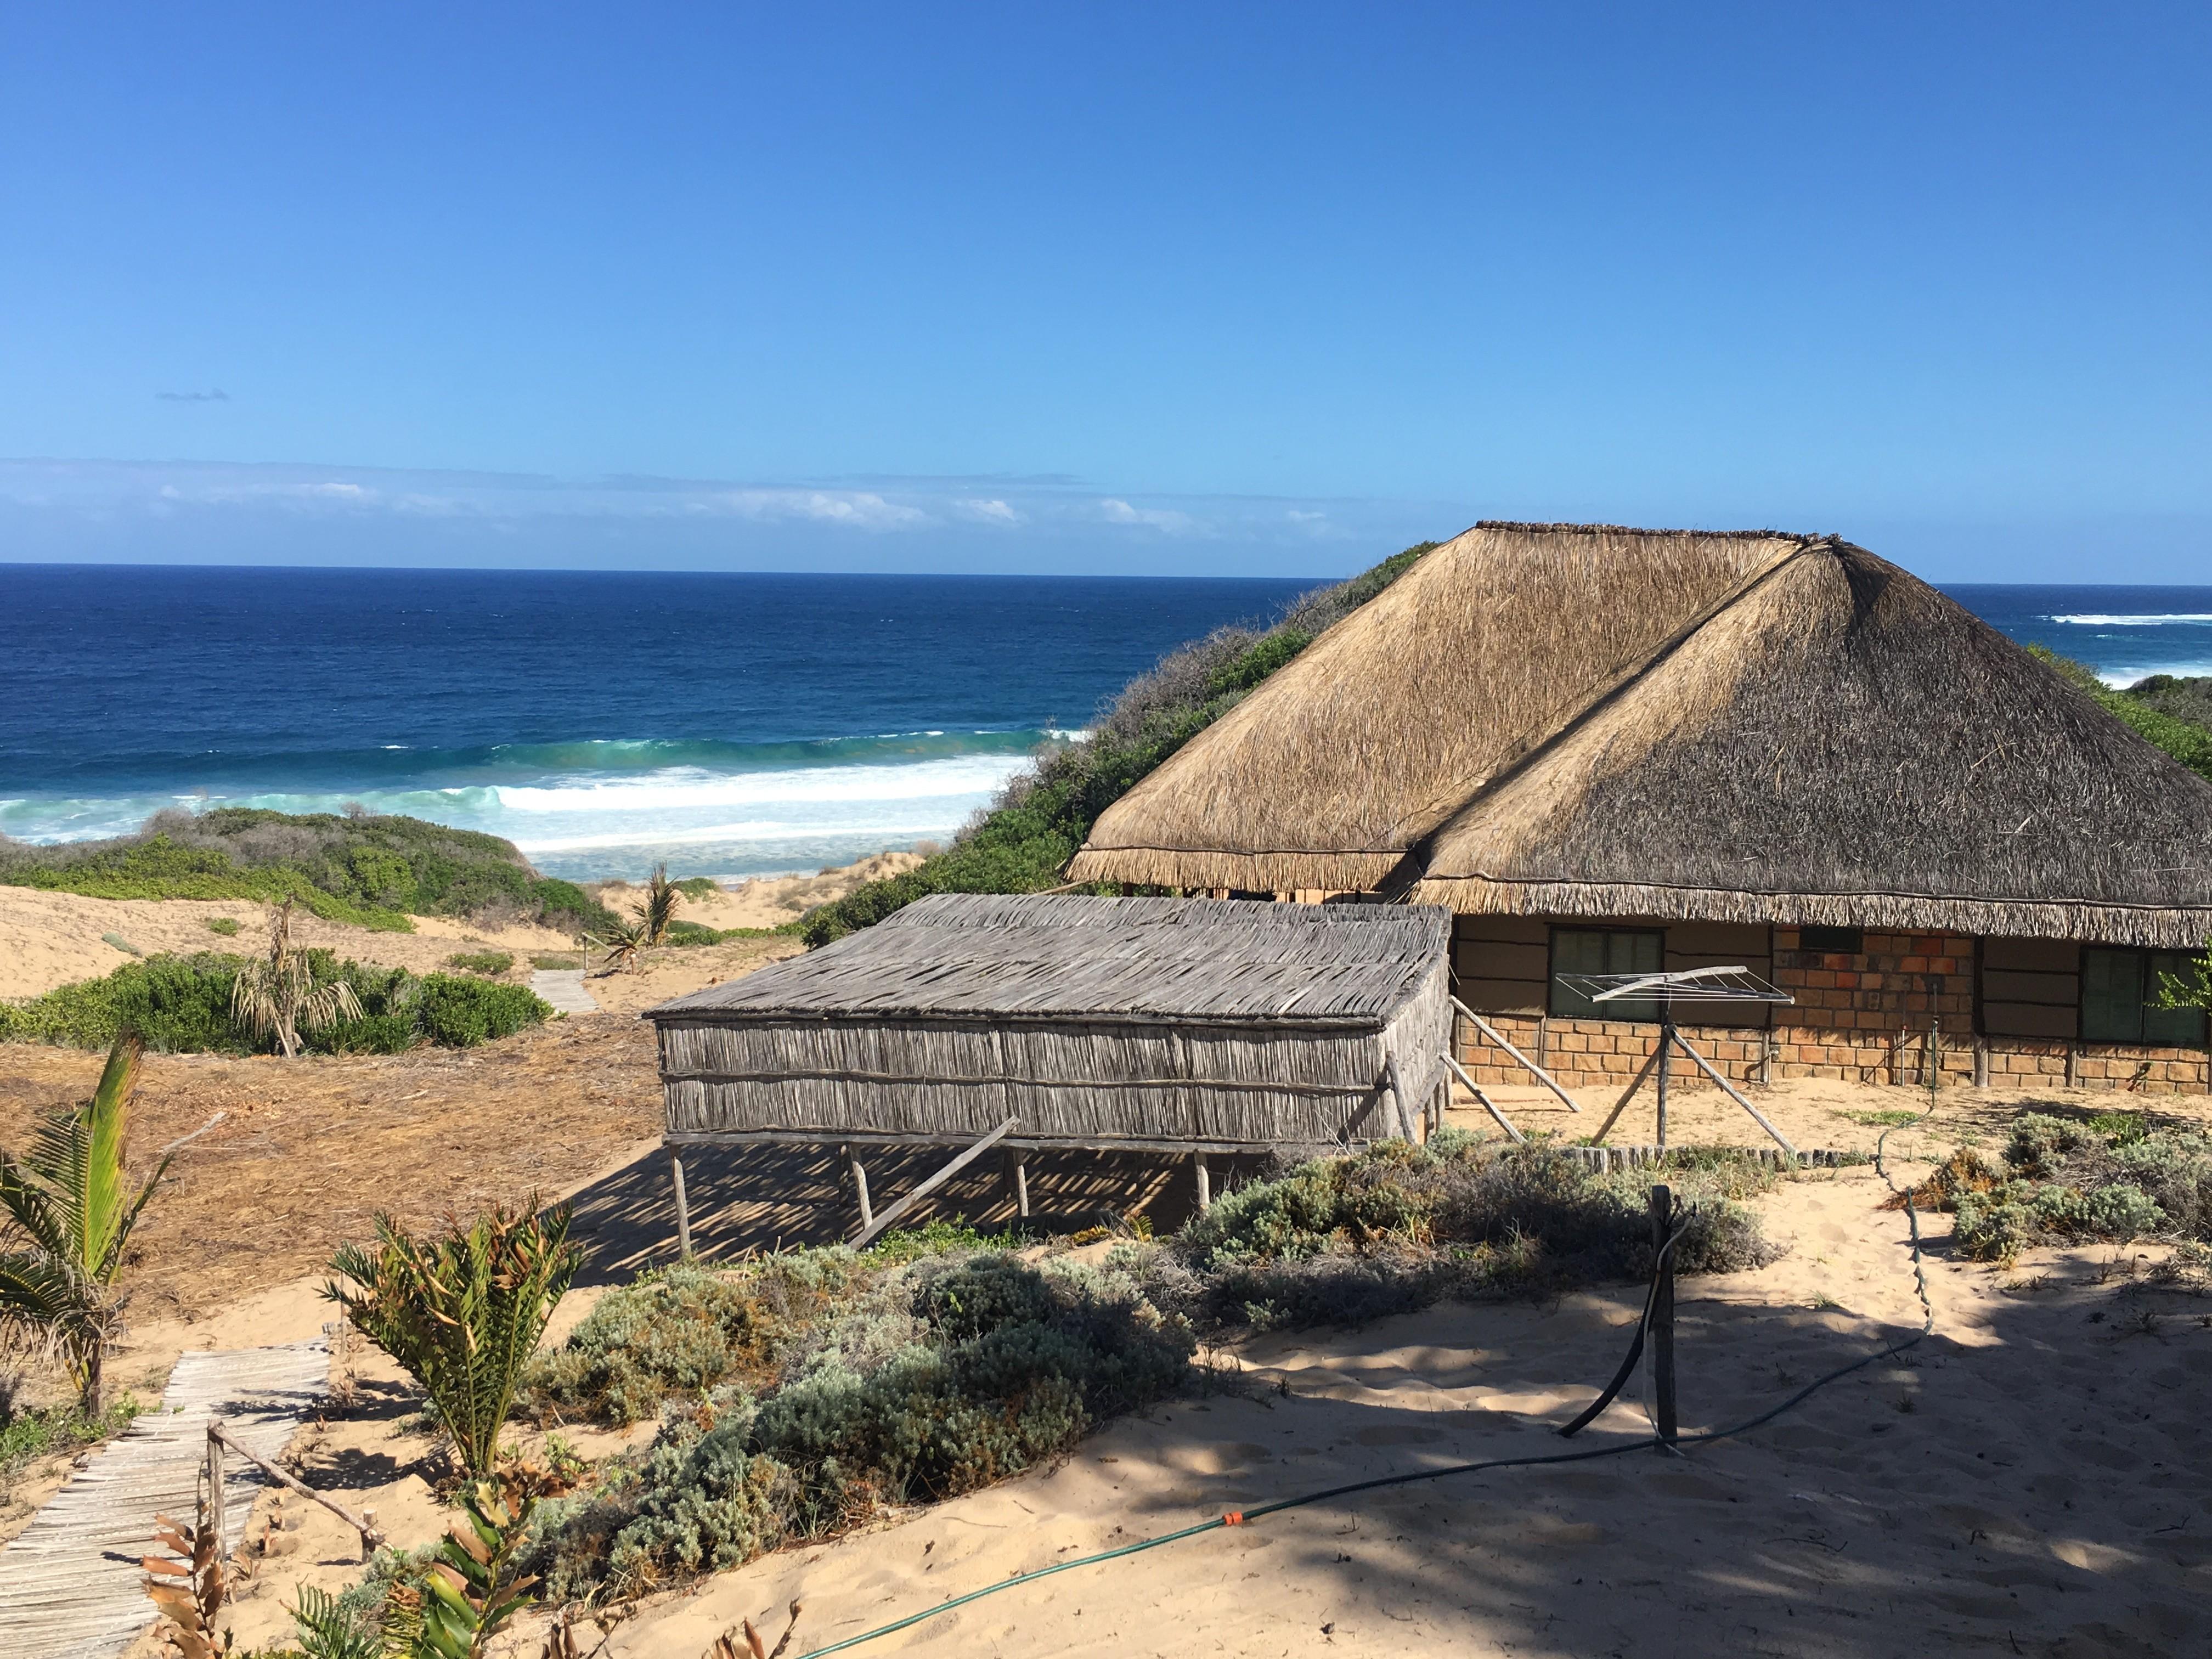 Vista Bonita Mozambique